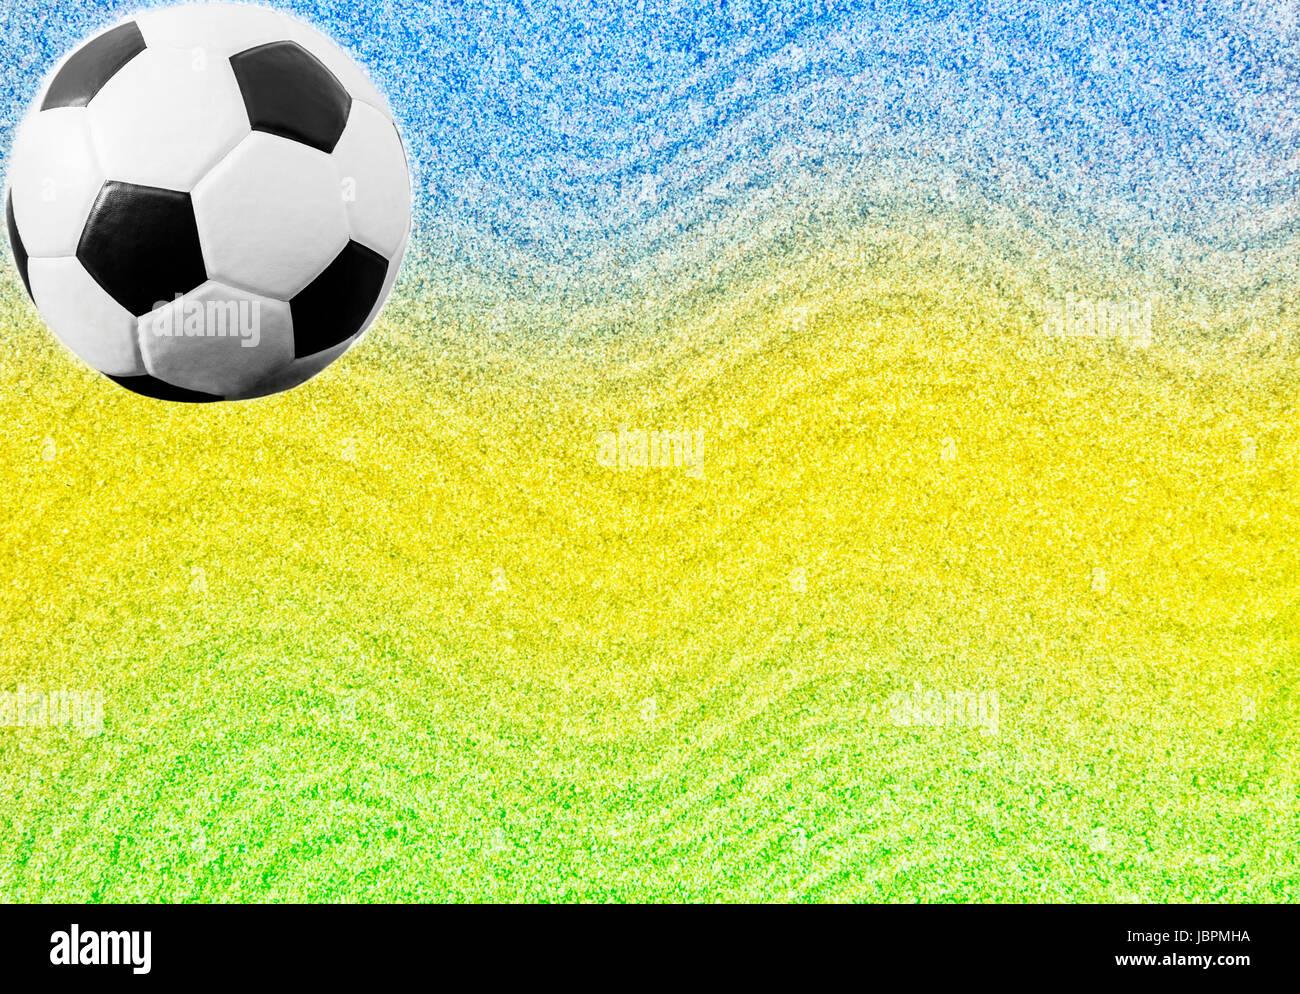 Ungewöhnlich Fußball Färbung Bilder - Framing Malvorlagen ...